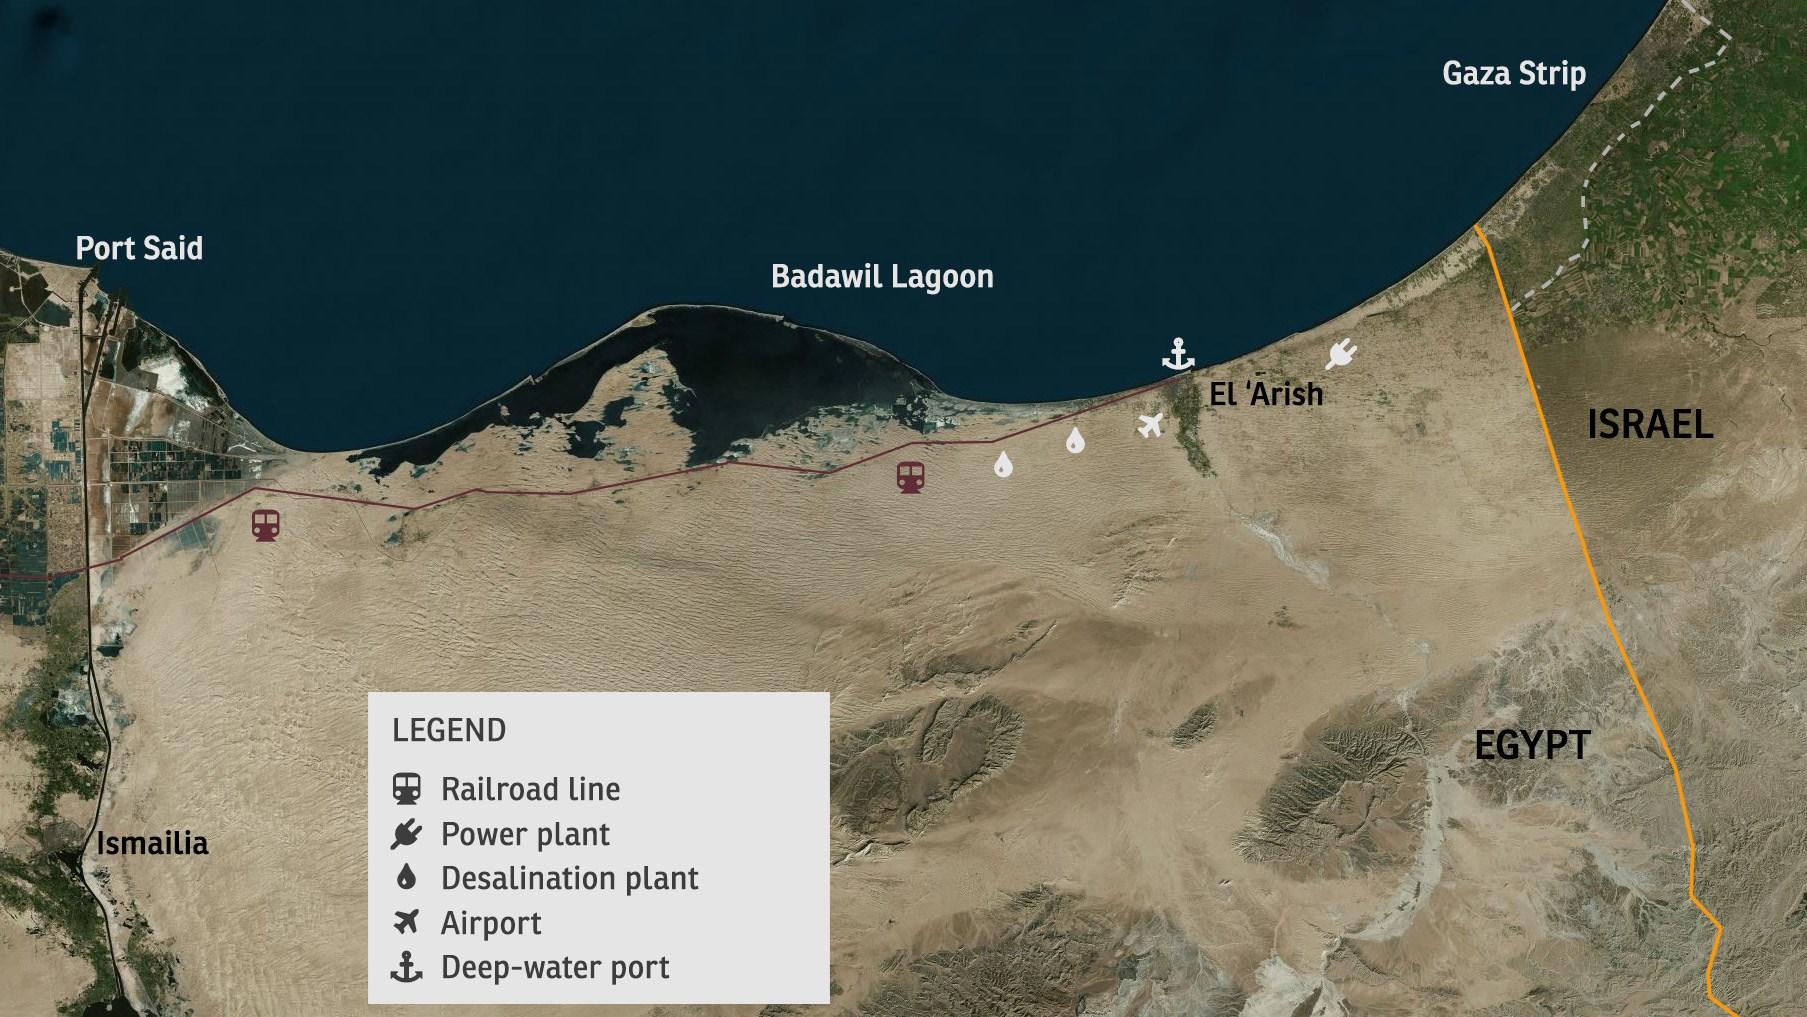 Desarrollando el norte del Sinaí – Un nuevo paradigma diplomático – Por Brigadier General (Retirado) Dr. Shimon Shapira y Shlomi Fogel (Instituto de Asuntos Contemporáneos)